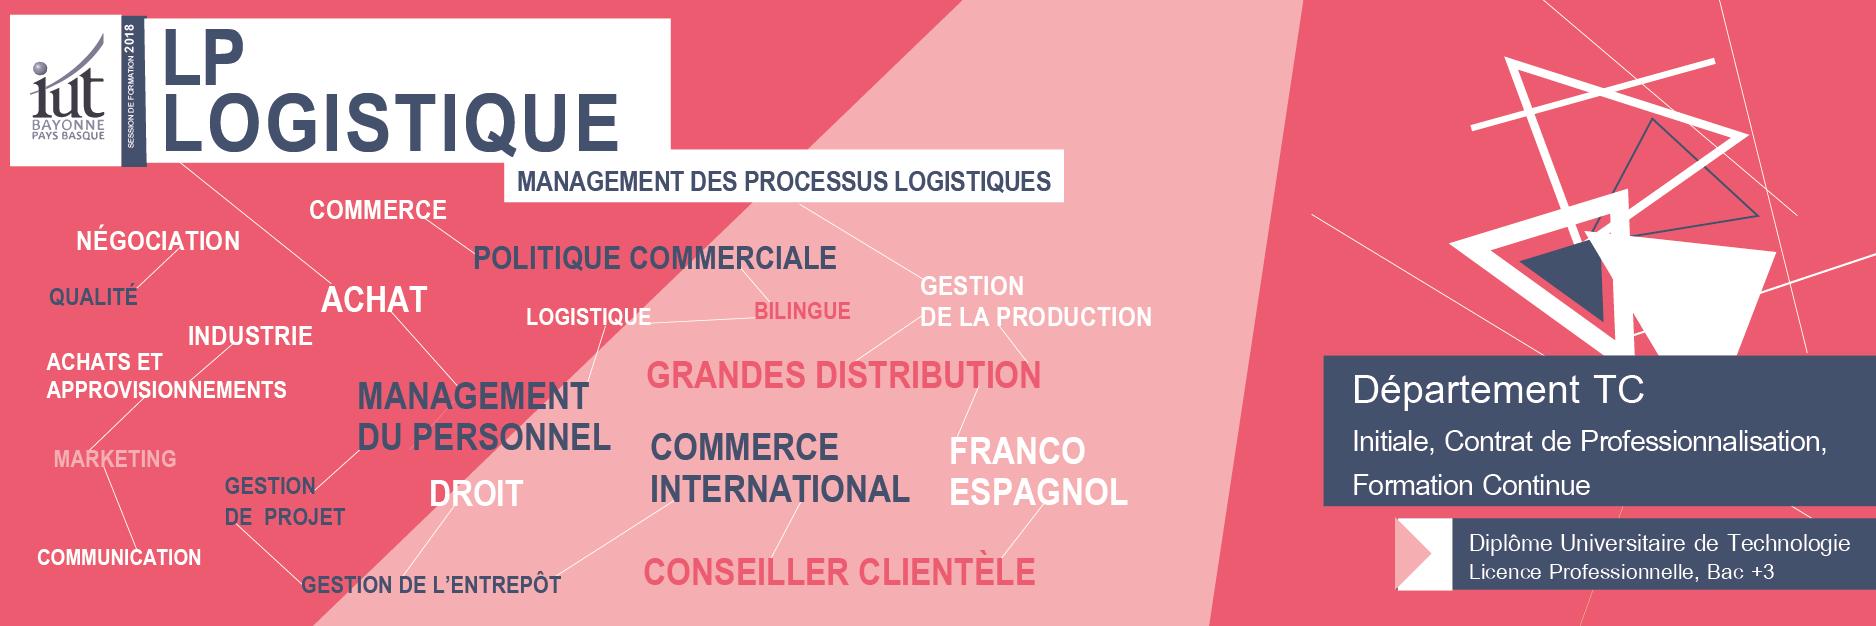 tc_lp_bandeau_logistique_iut_bayonne_pays_basque_plan_de_travail_1